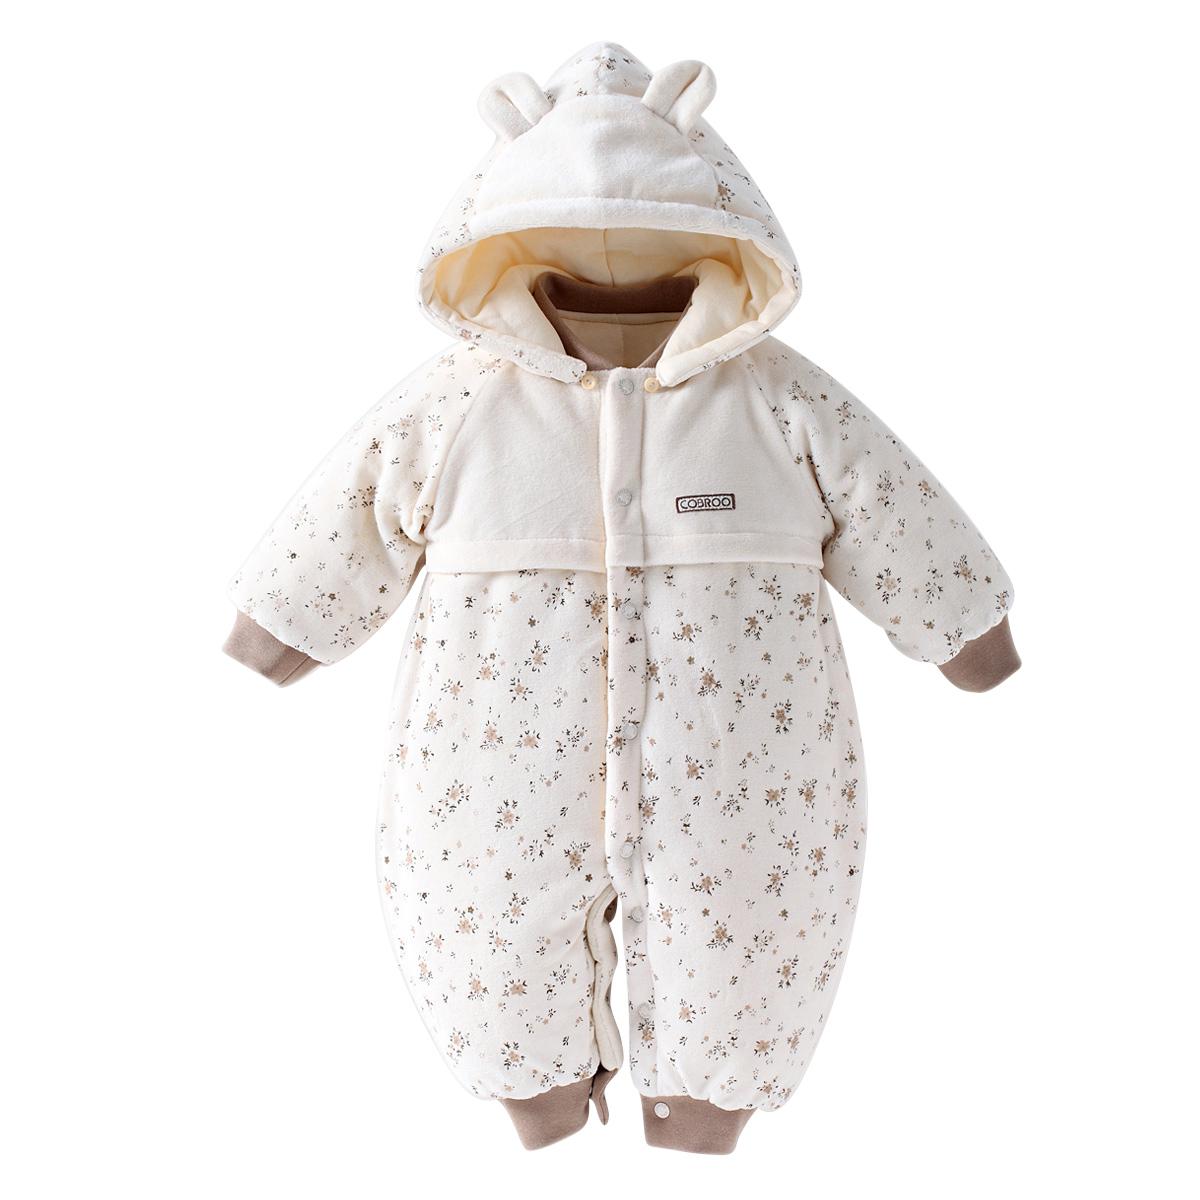 婴儿棉衣加厚保暖0-1岁宝宝冬装男女男宝宝棉服棉袄幼儿连体衣服